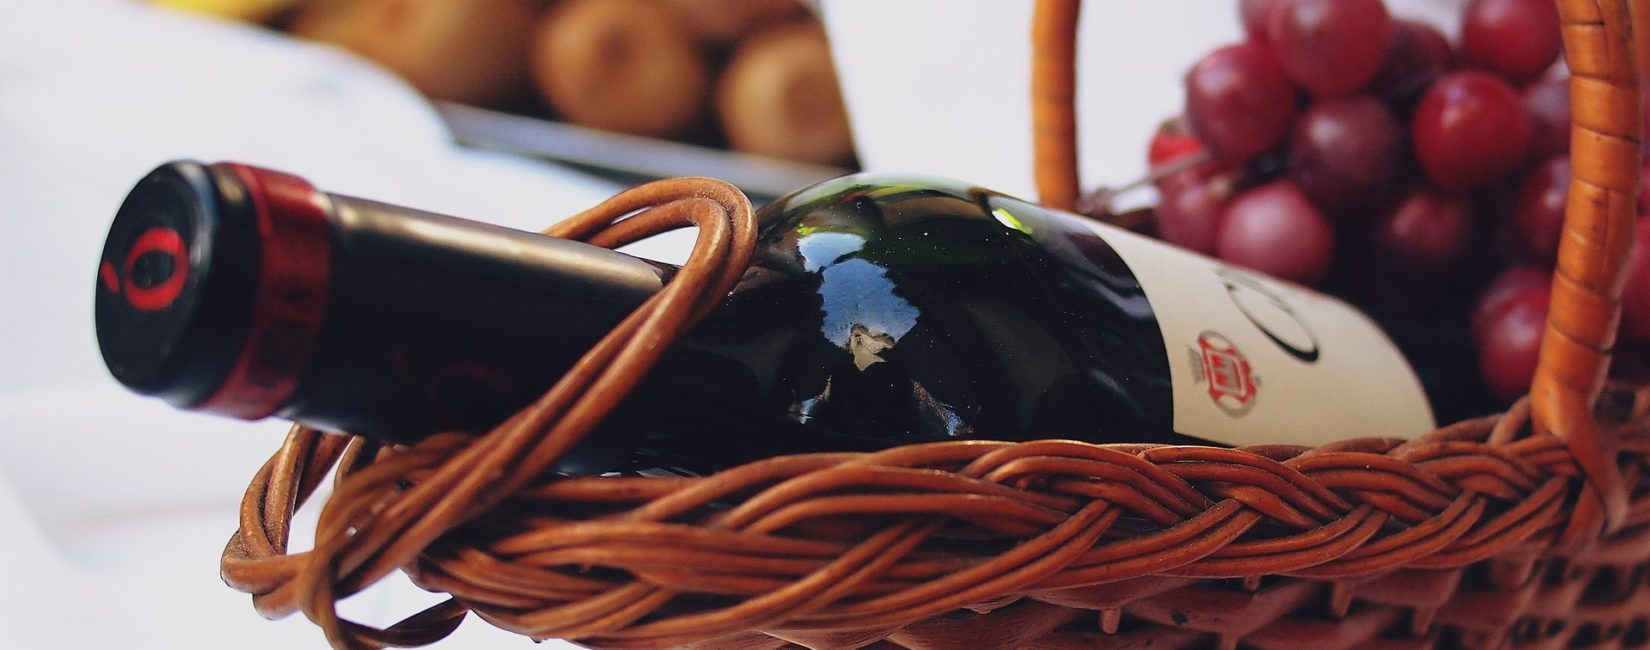 wine-699389_1920